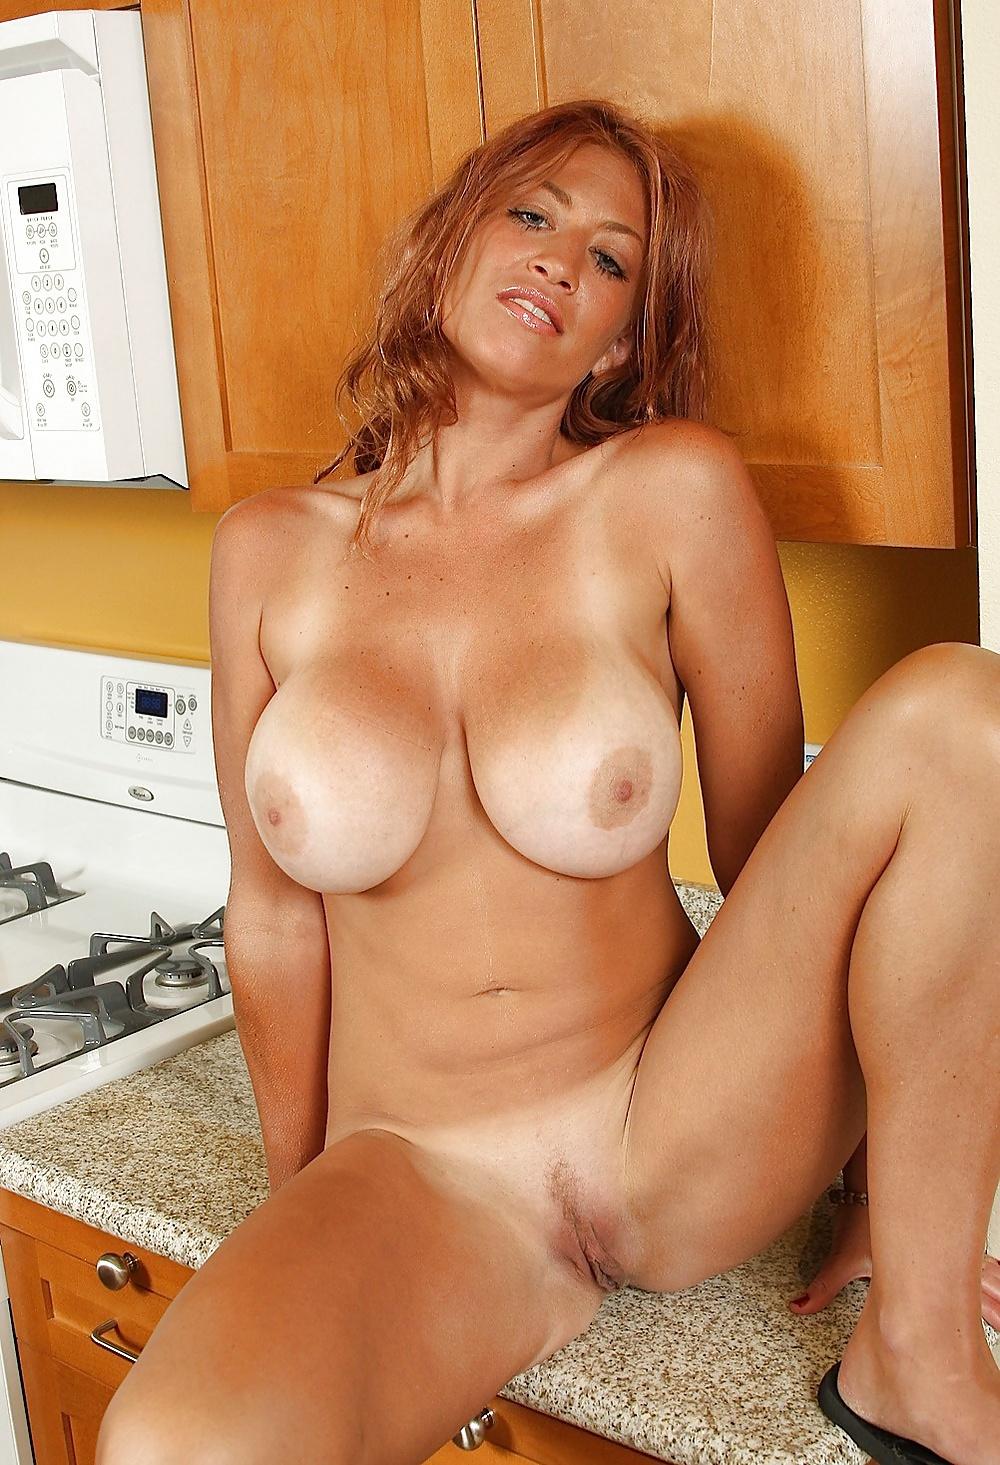 Hot mature women, mature nude photos